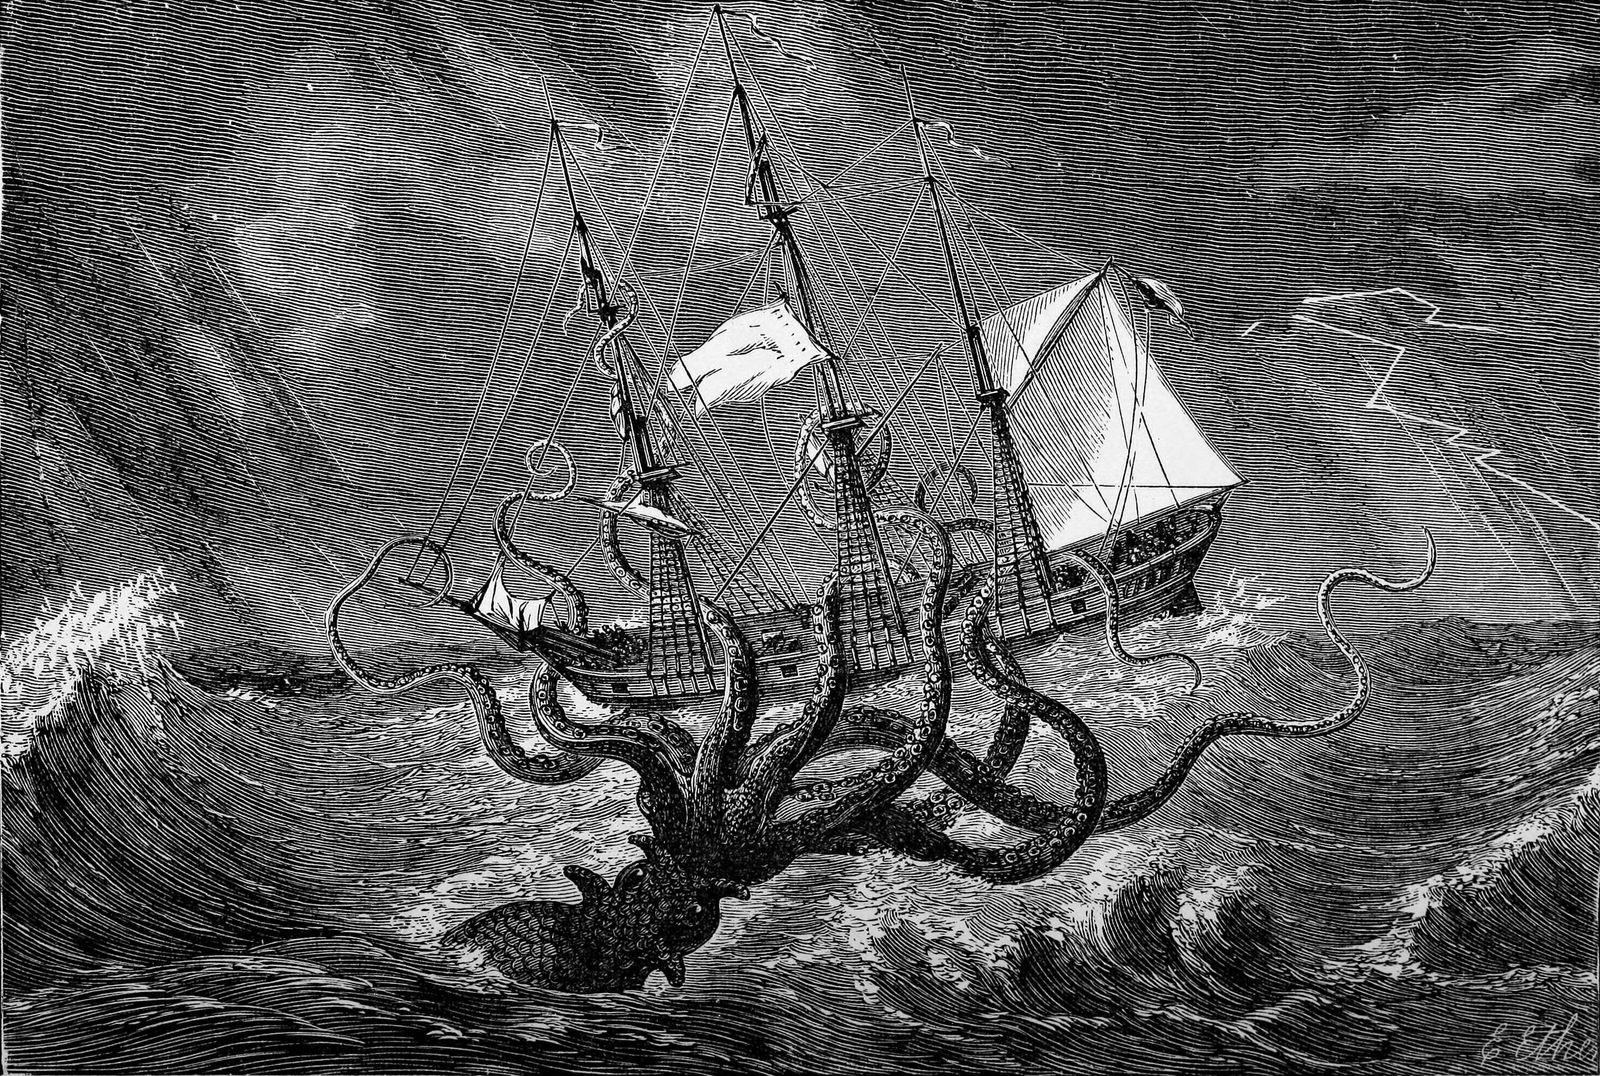 Il était dit que le tristement célèbre kraken menaçait les navires dans les mers au nord ...